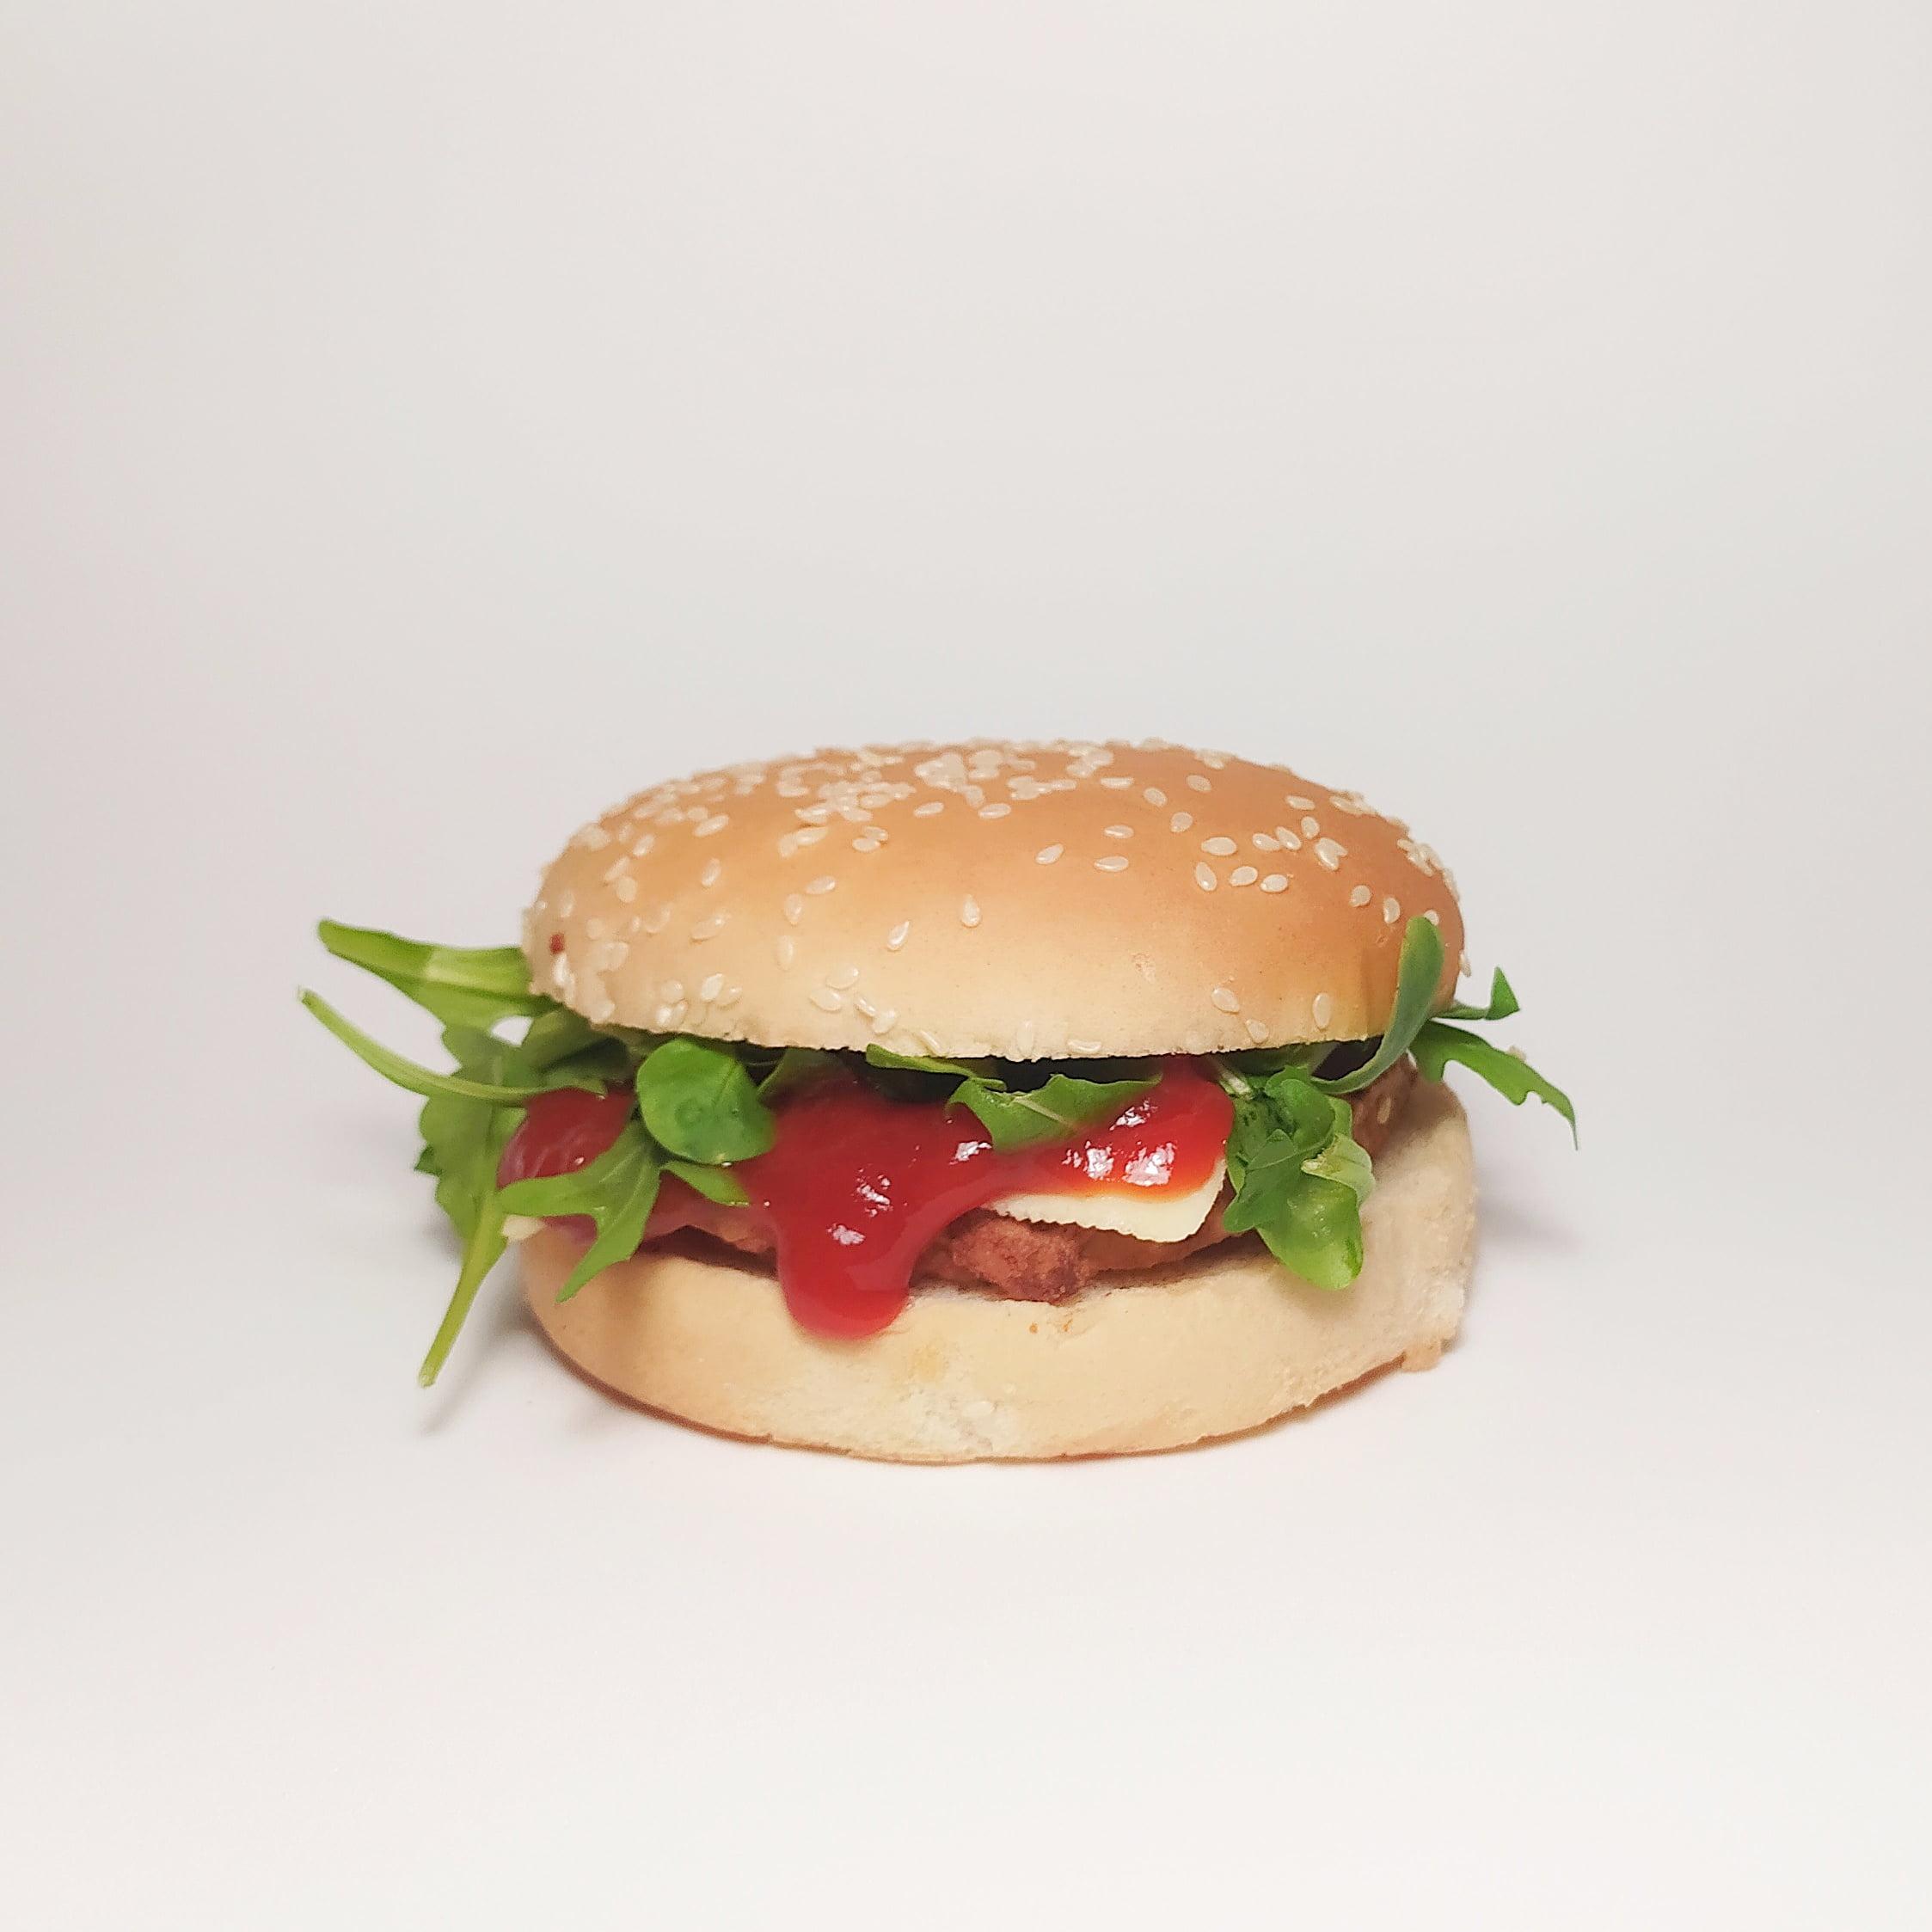 TPV-Hostelería-Software-Hostelería-guia-buenas-fotos-restaurante-burger